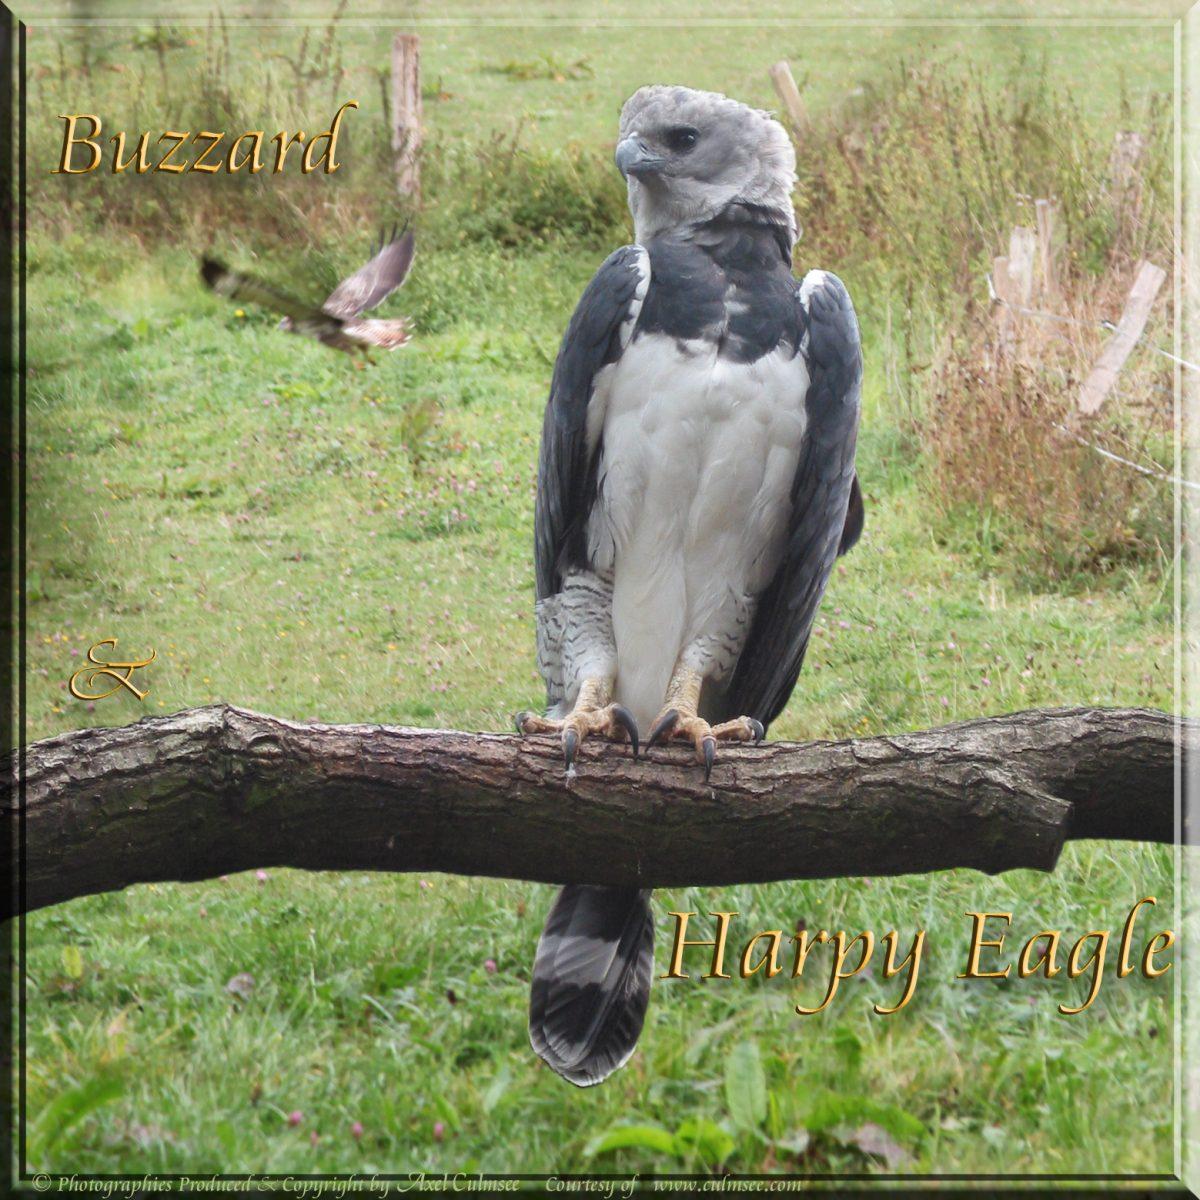 Harpy Eagle meets Buzzard